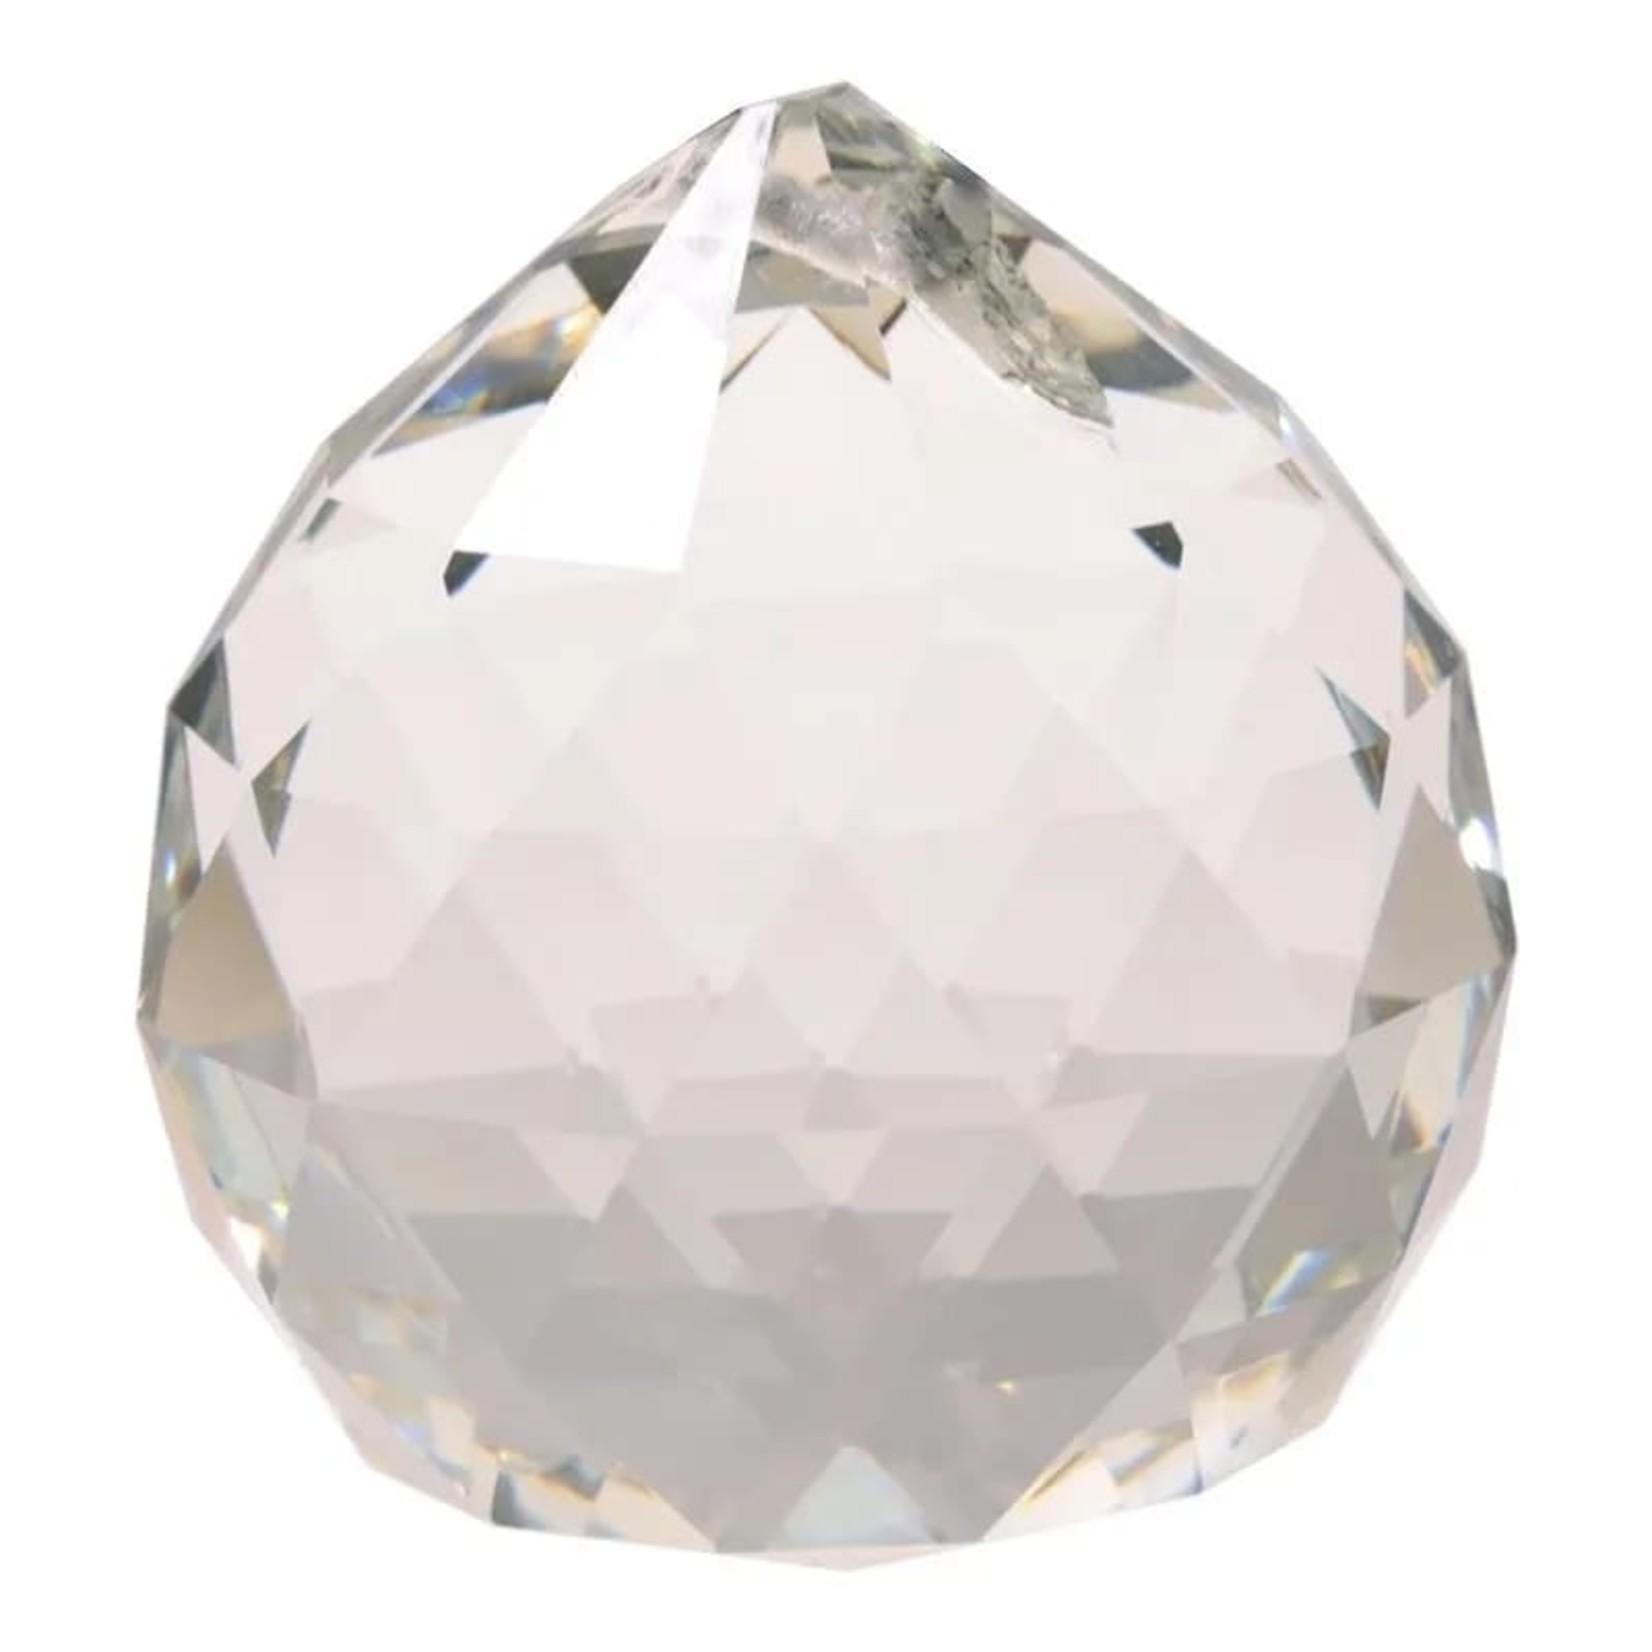 Regenboogkristal 4cm - verandert de energie